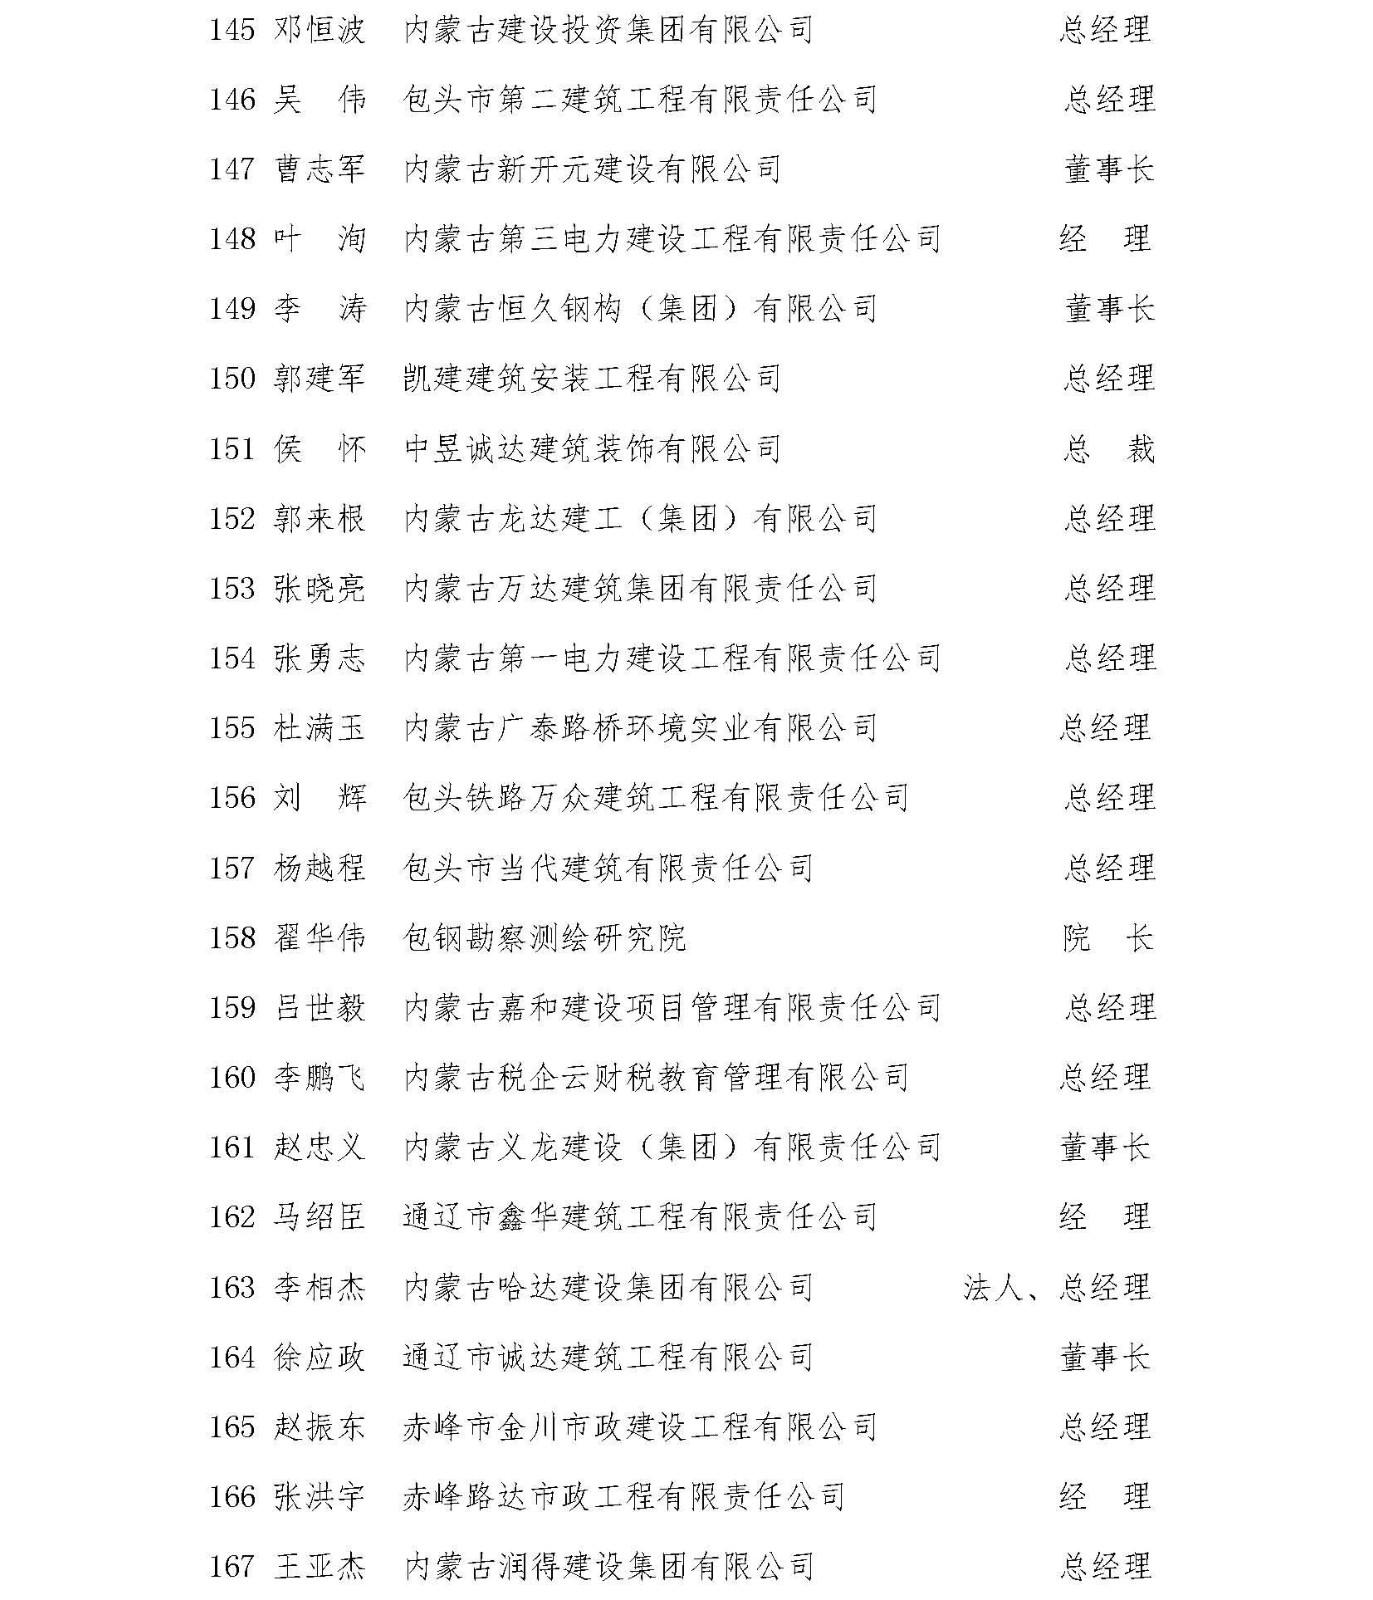 内建协〔2021〕6号  关于公布内蒙古自治区建筑业协会六届理事会理事名单的通知(1)(1)_页面_08.jpg